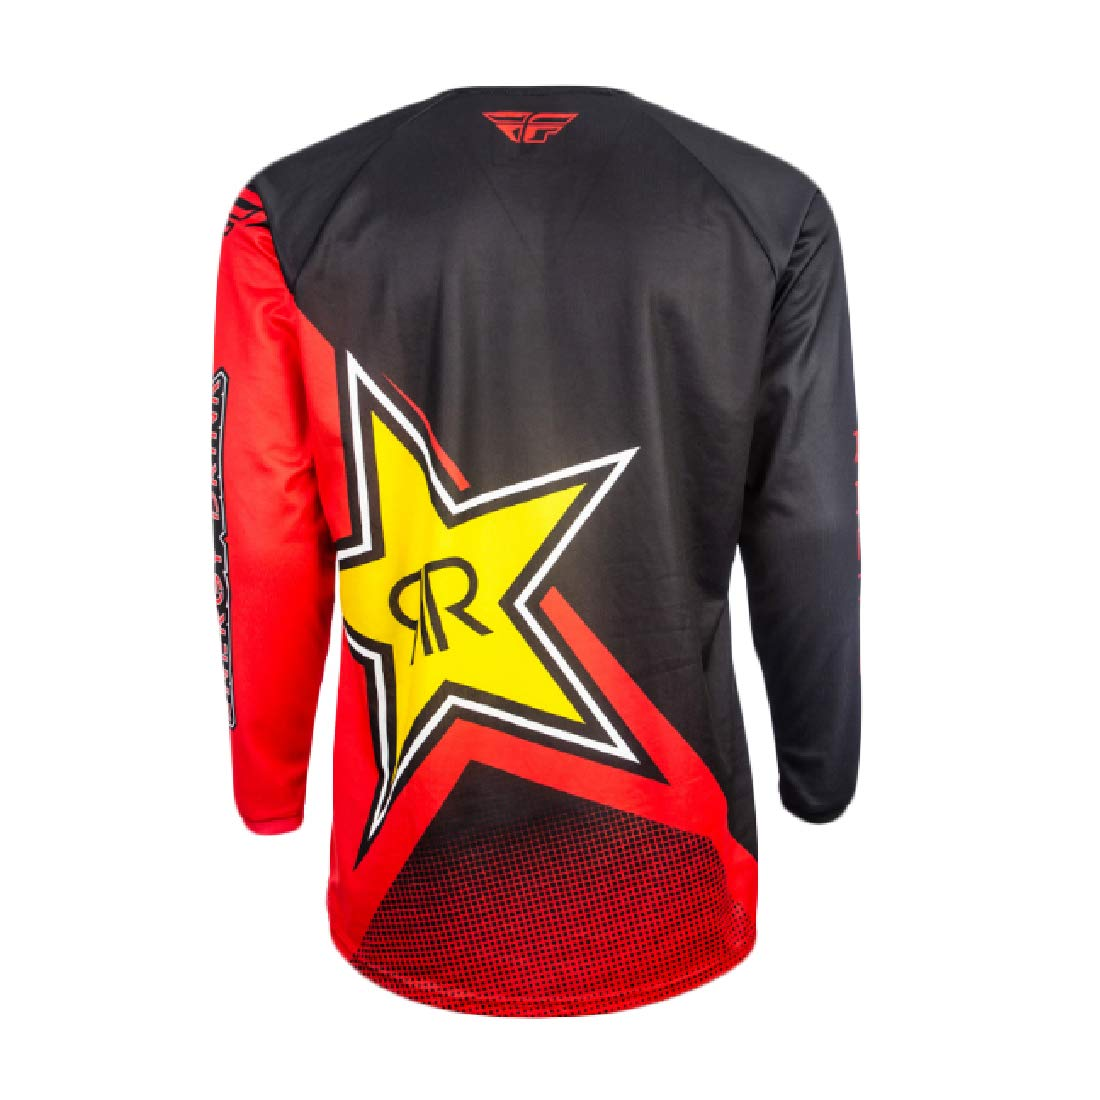 YSYFZ Maillot VTT Cyclisme en Plein air Sport v/élo Costume Costume Chemise /à Manches Longues Service Moto Hors Route T-Shirt /à Manches Longues Costume de Descente v/êtements de Sport Tout Terrain